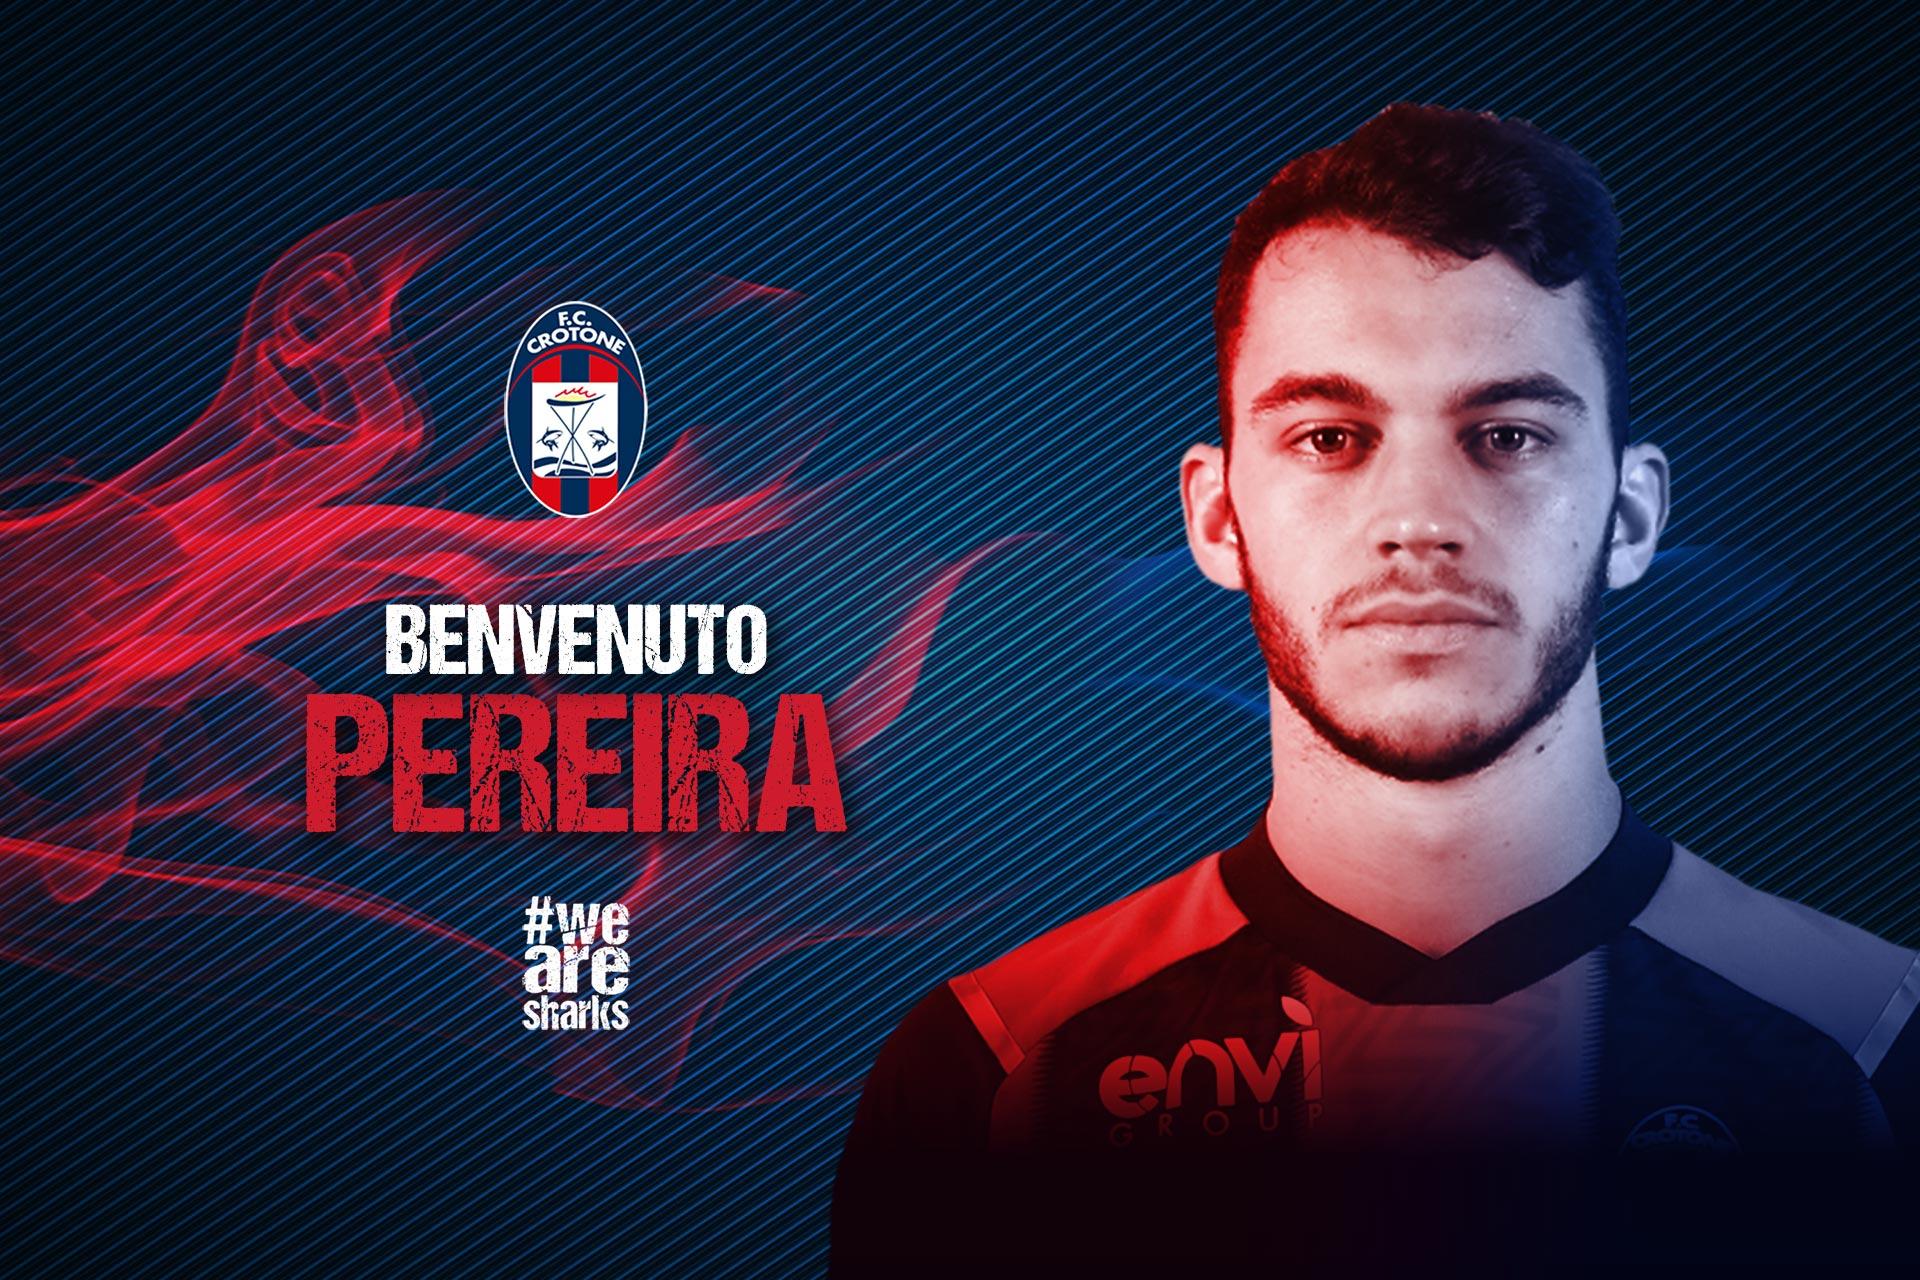 Pedro Pereira è un calciatore rossoblù